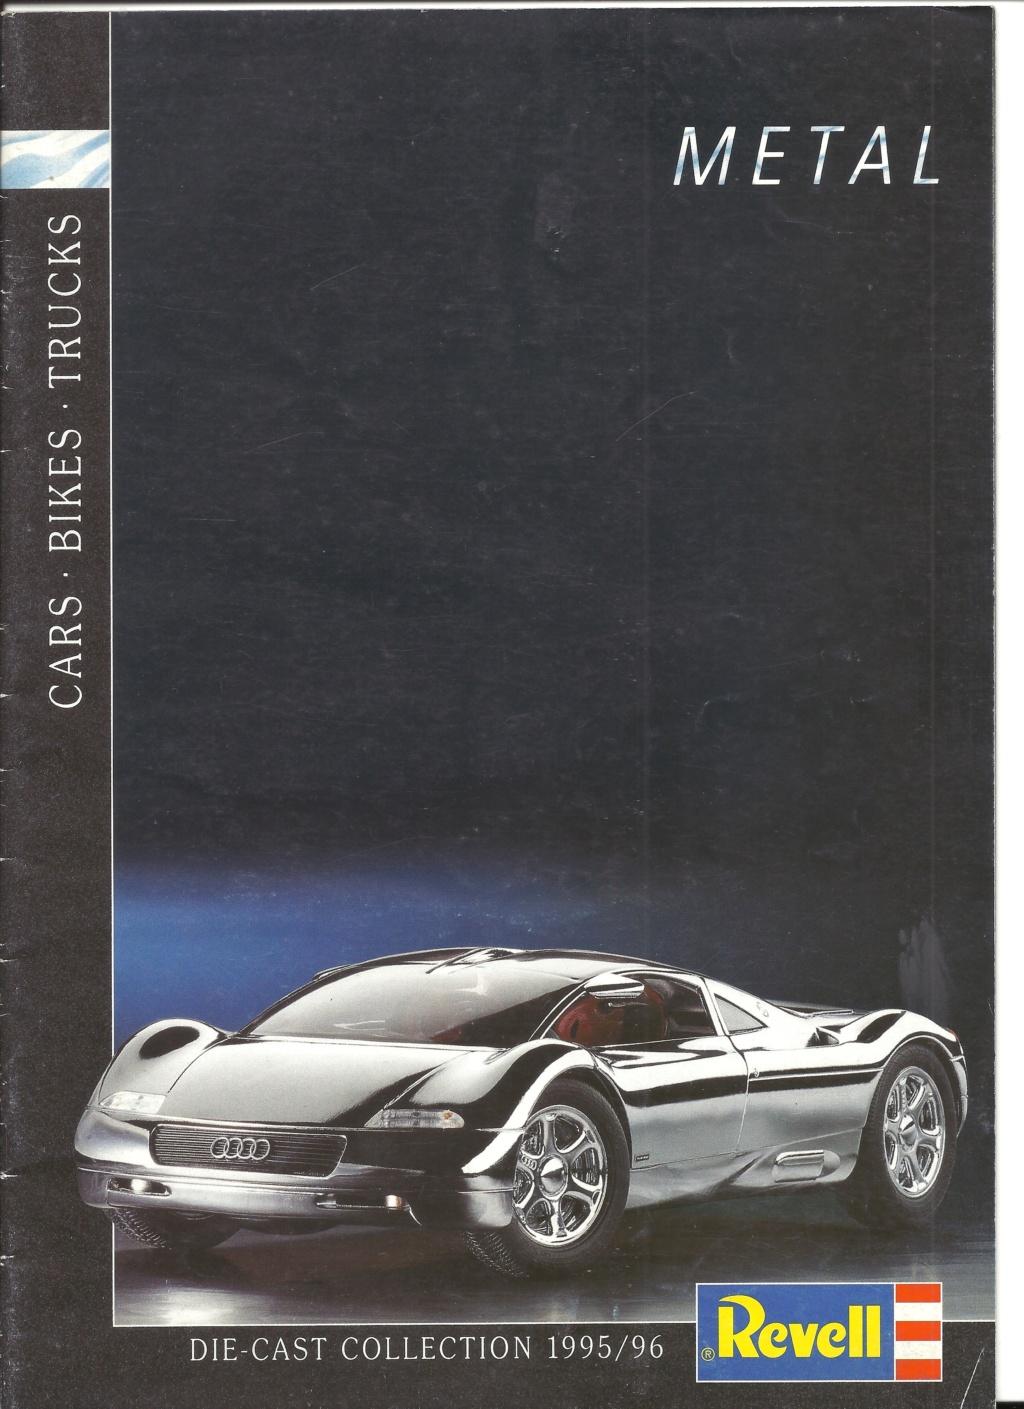 les achats de Jacques - Page 36 Revell10